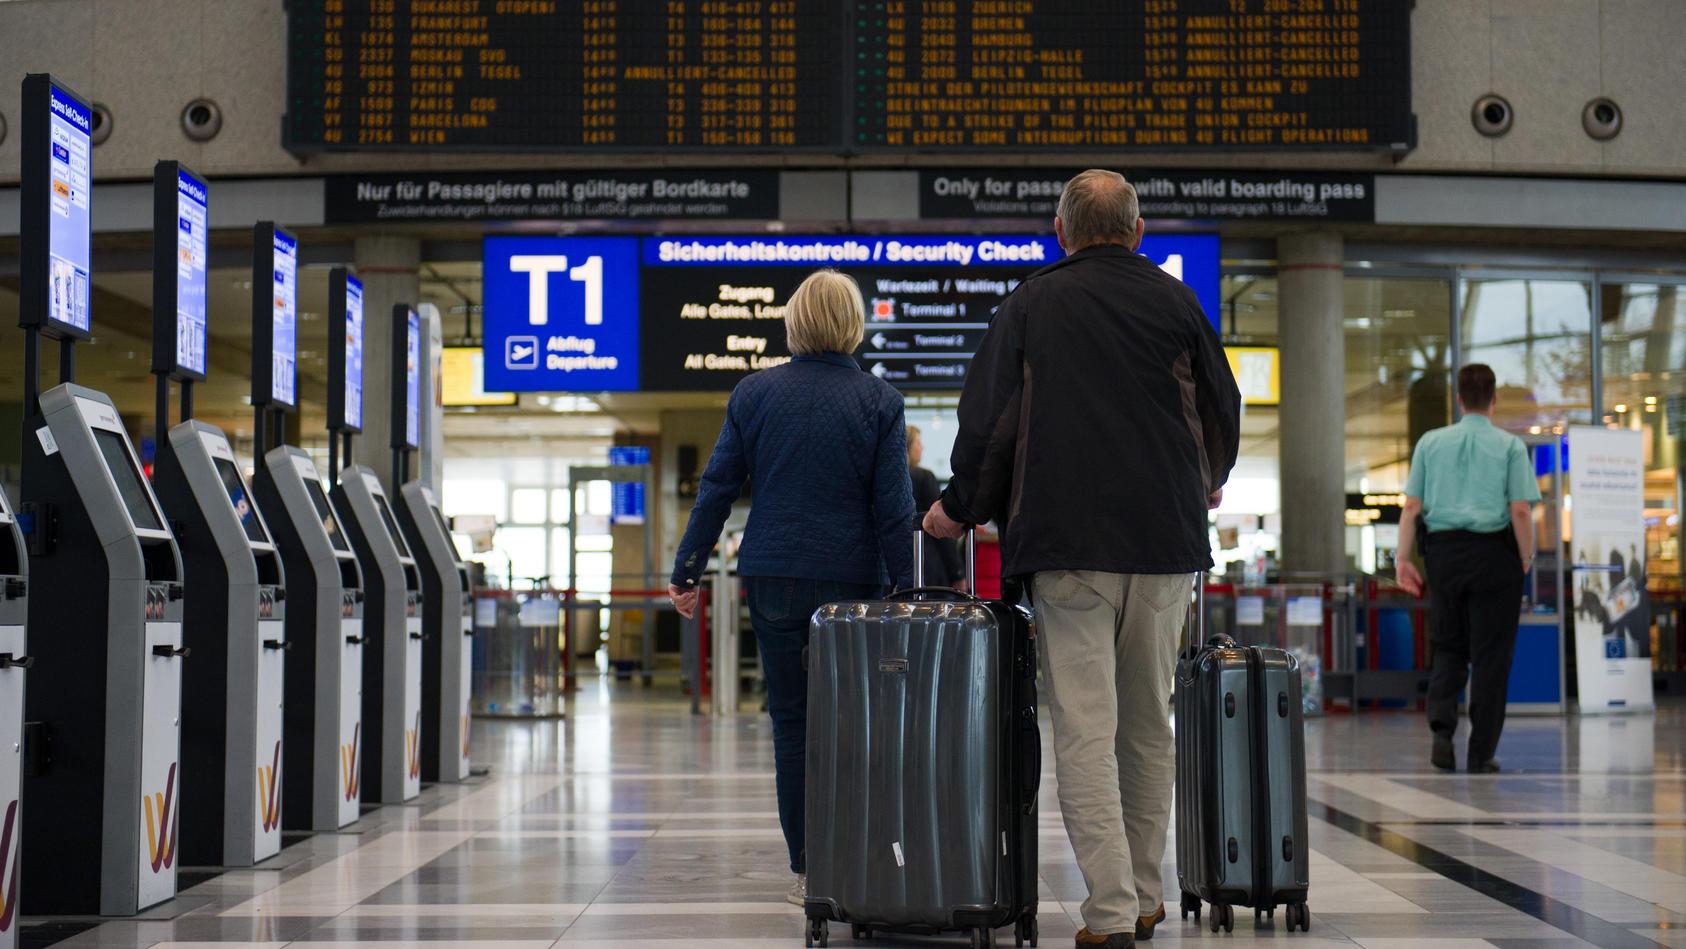 Verbraucherschützer fordern, dass Flugtickets künftig nicht mehr per Vorkasse bezahlt werden sollen.